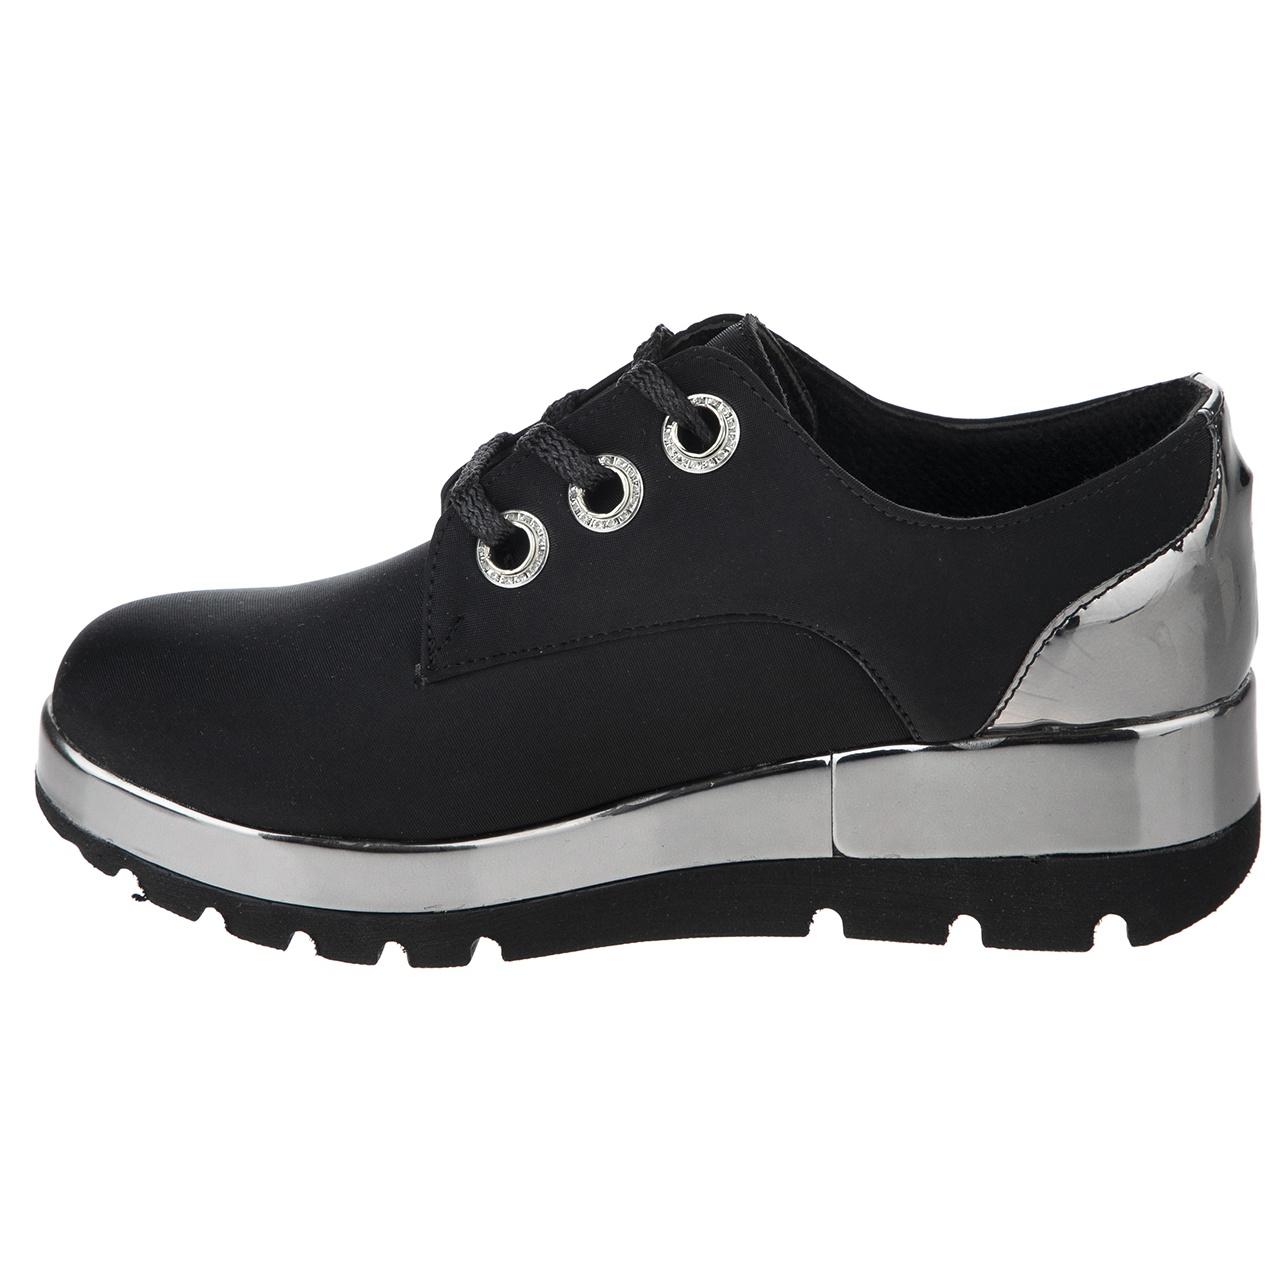 کفش زنانه مدل ویکتور کد 029